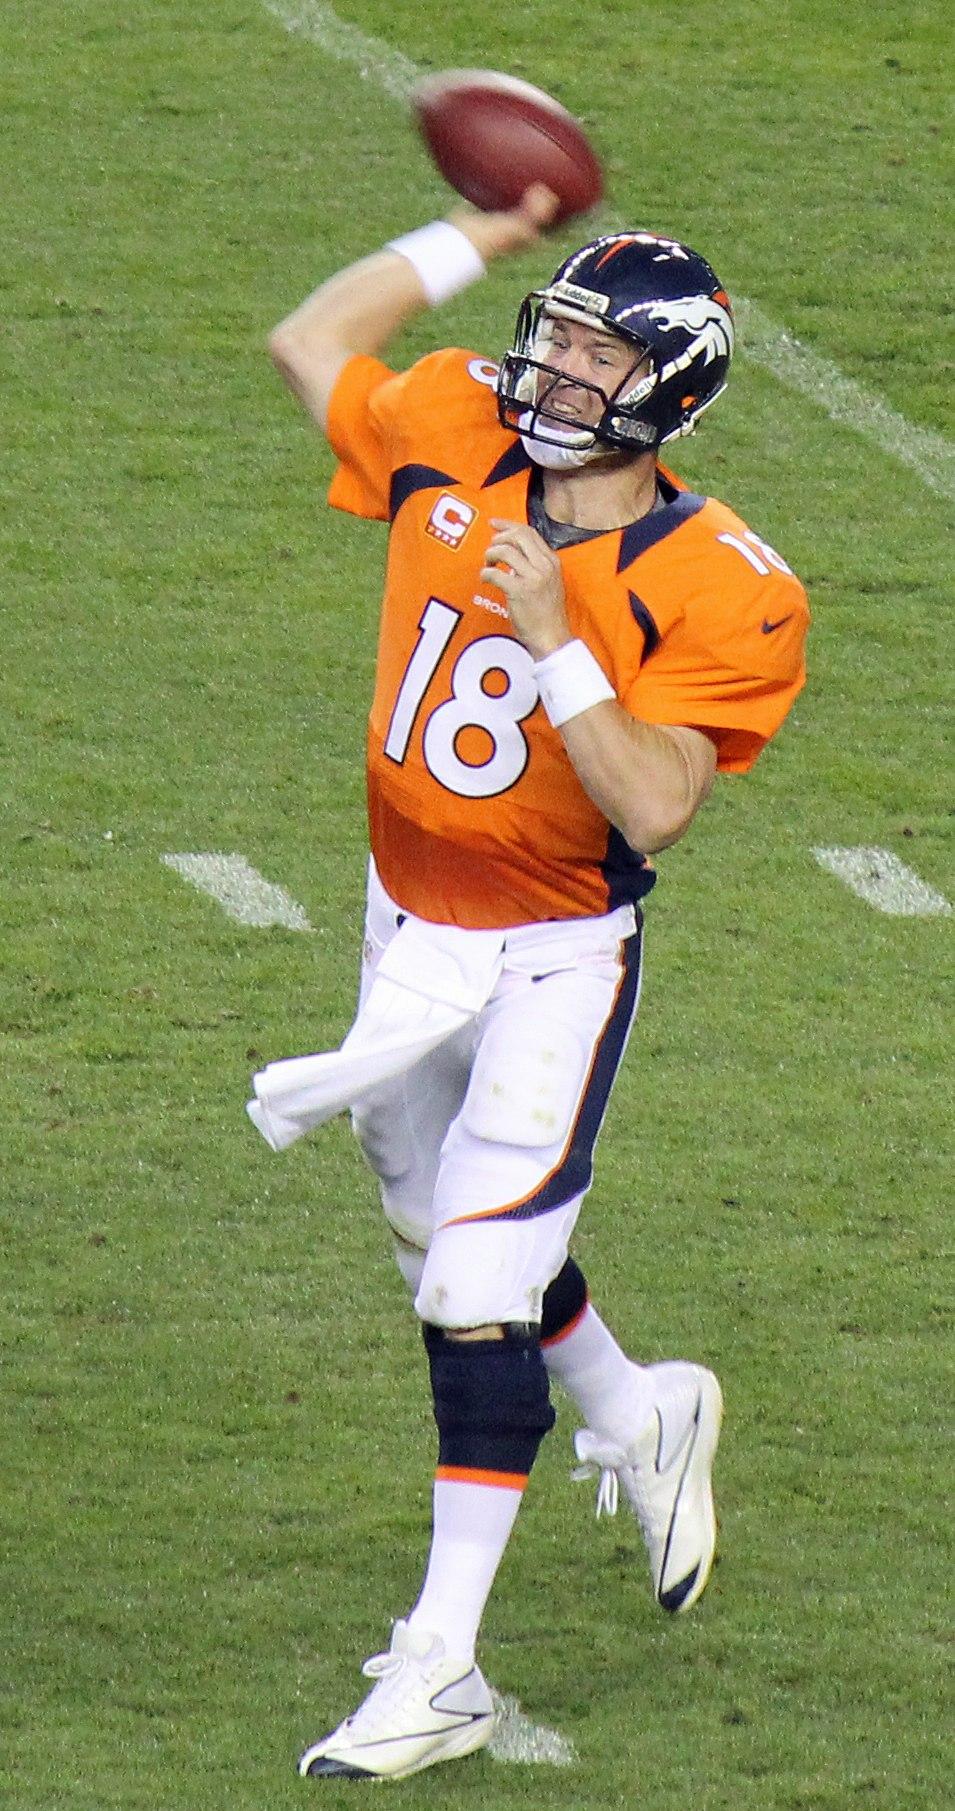 Peyton Manning throwing